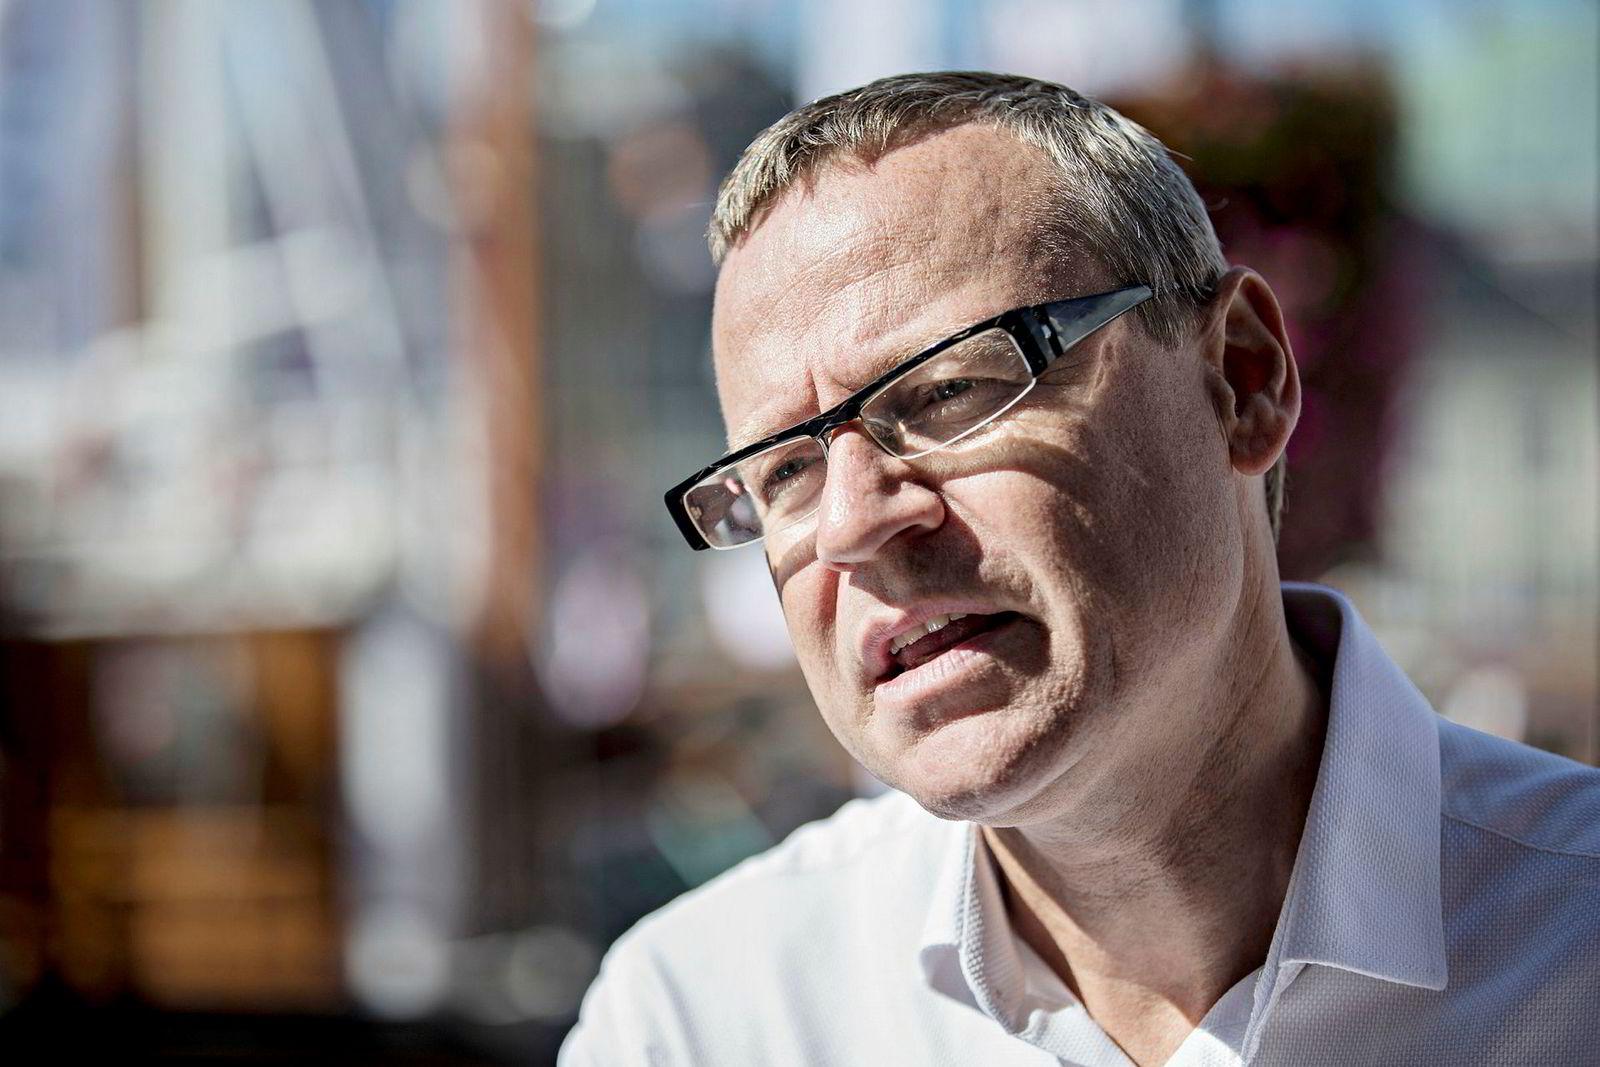 Tore Myhre i NHO håper våpenhvilen vil føre frem til en stabil løsning på handelskrigen – hvis ikke kan konsekvensene bli store for norske selskaper.